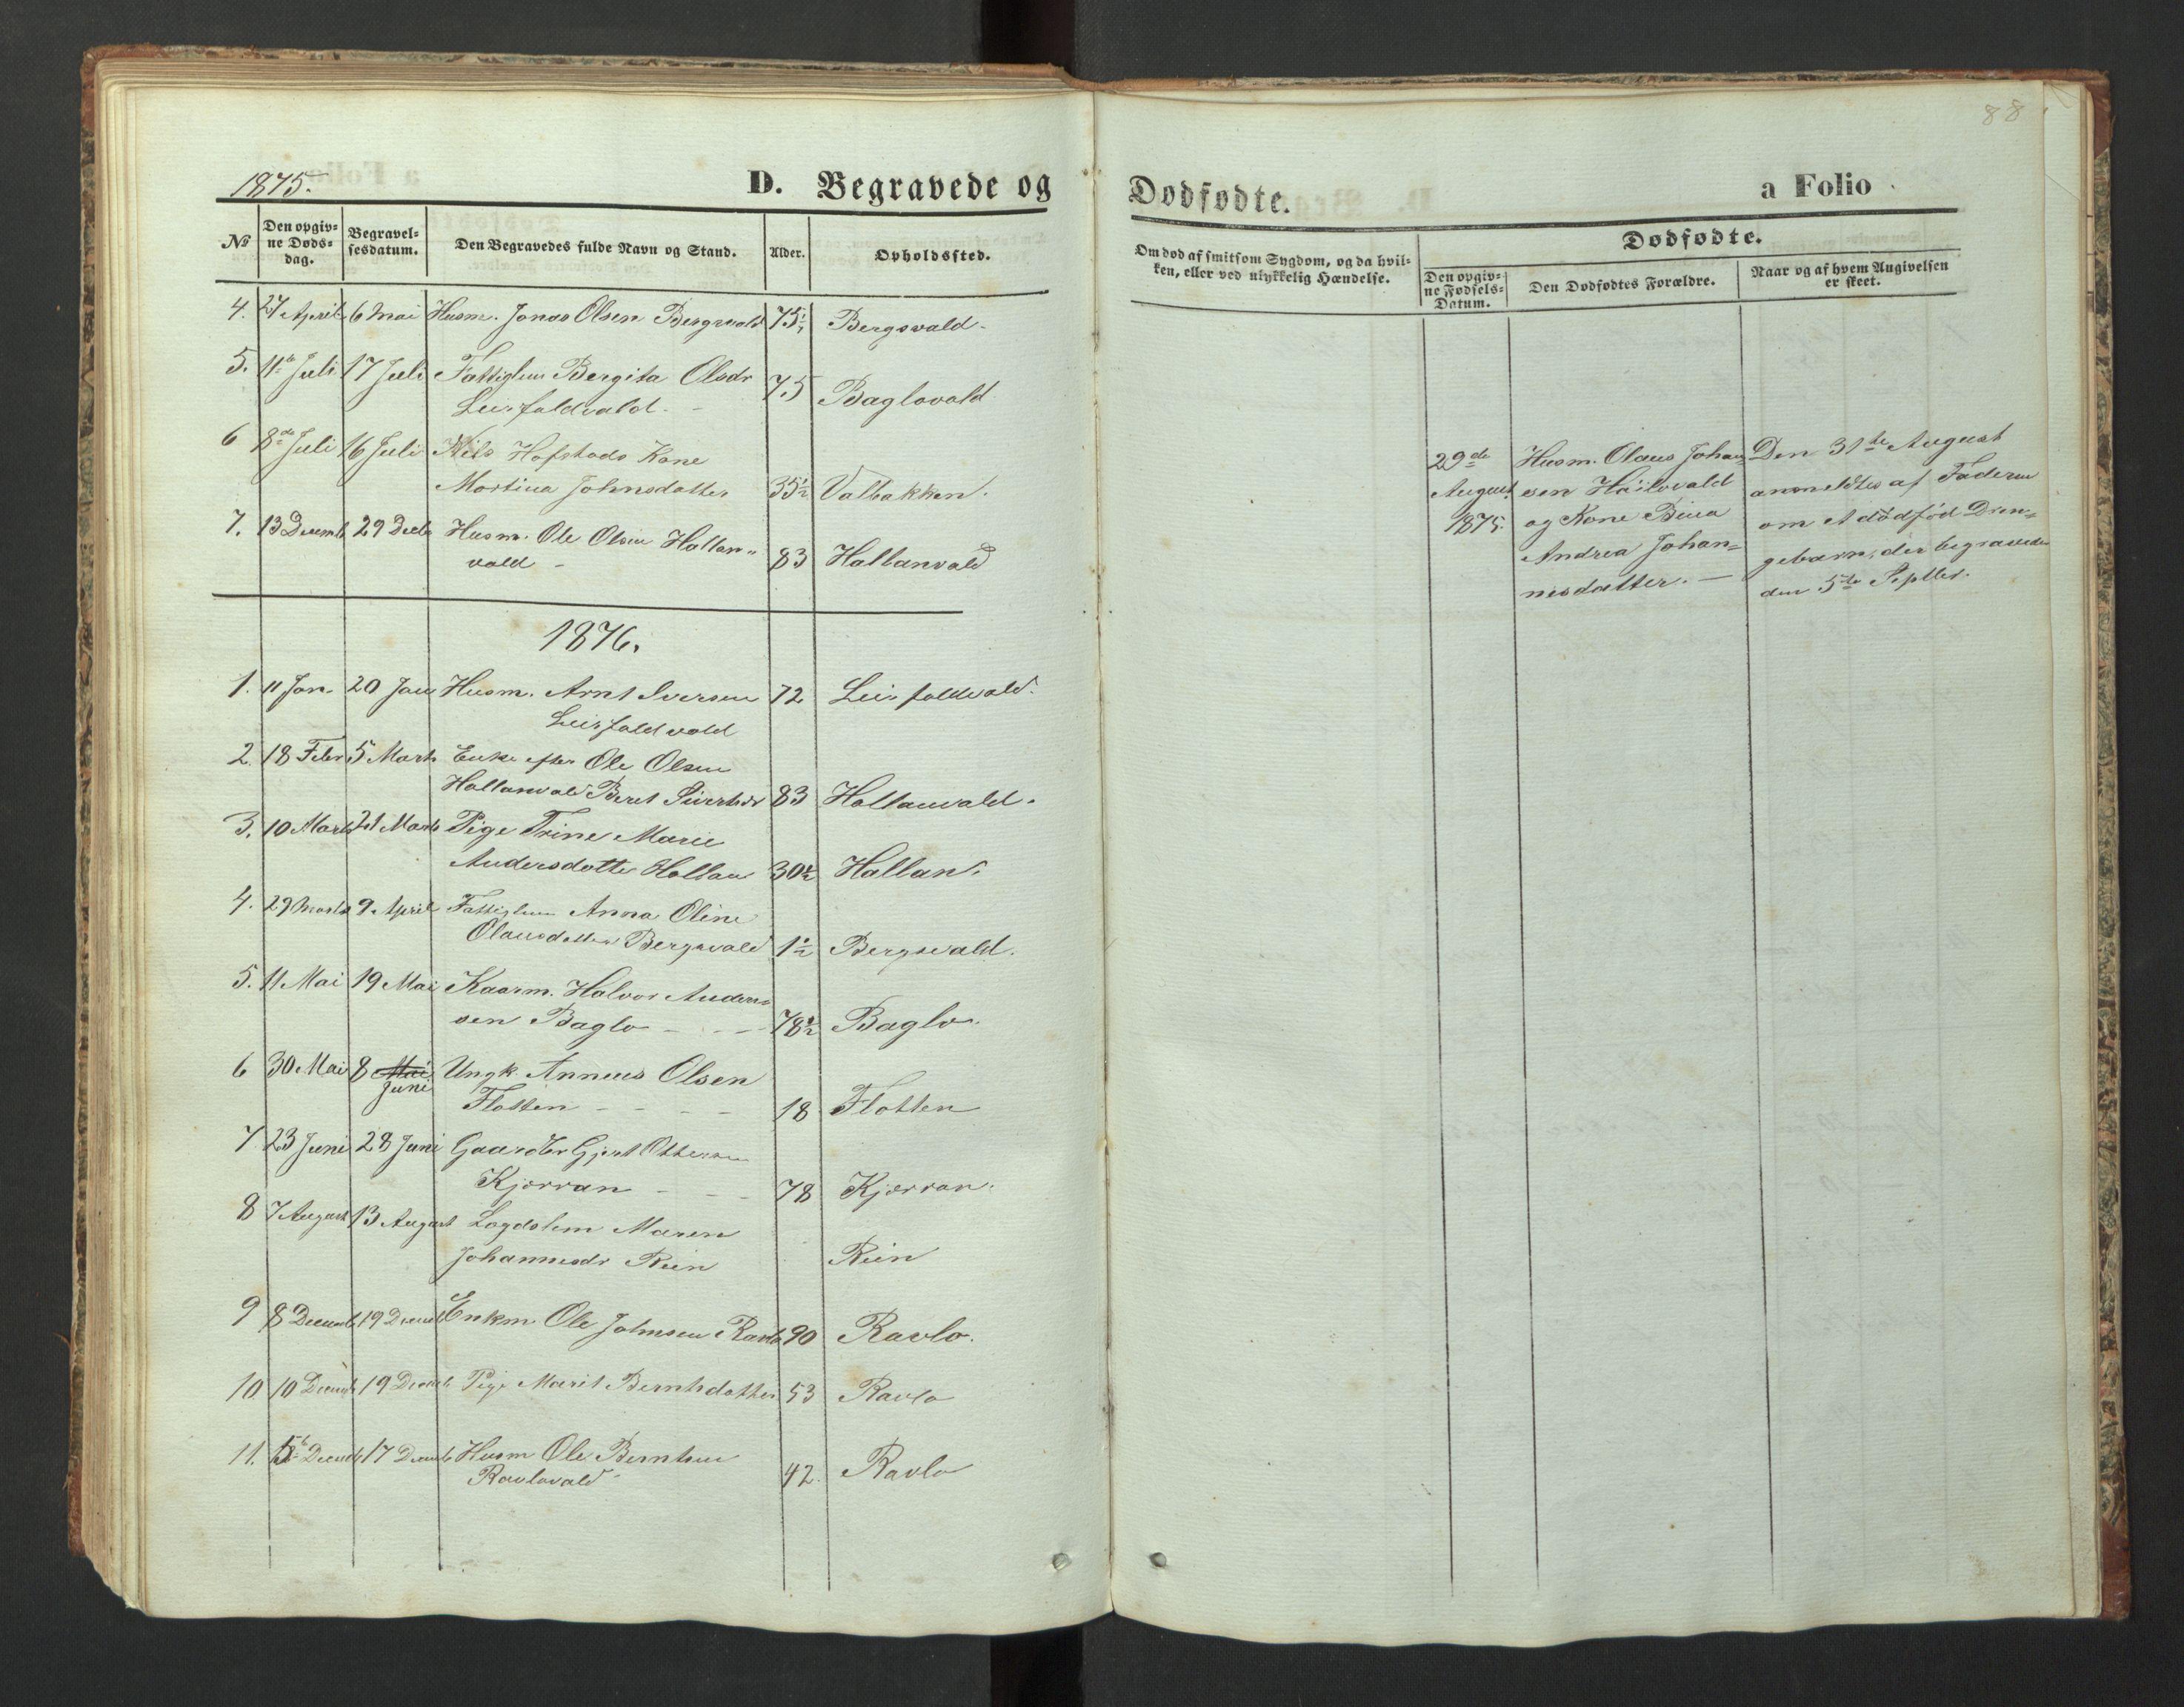 SAT, Ministerialprotokoller, klokkerbøker og fødselsregistre - Nord-Trøndelag, 726/L0271: Klokkerbok nr. 726C02, 1869-1897, s. 88